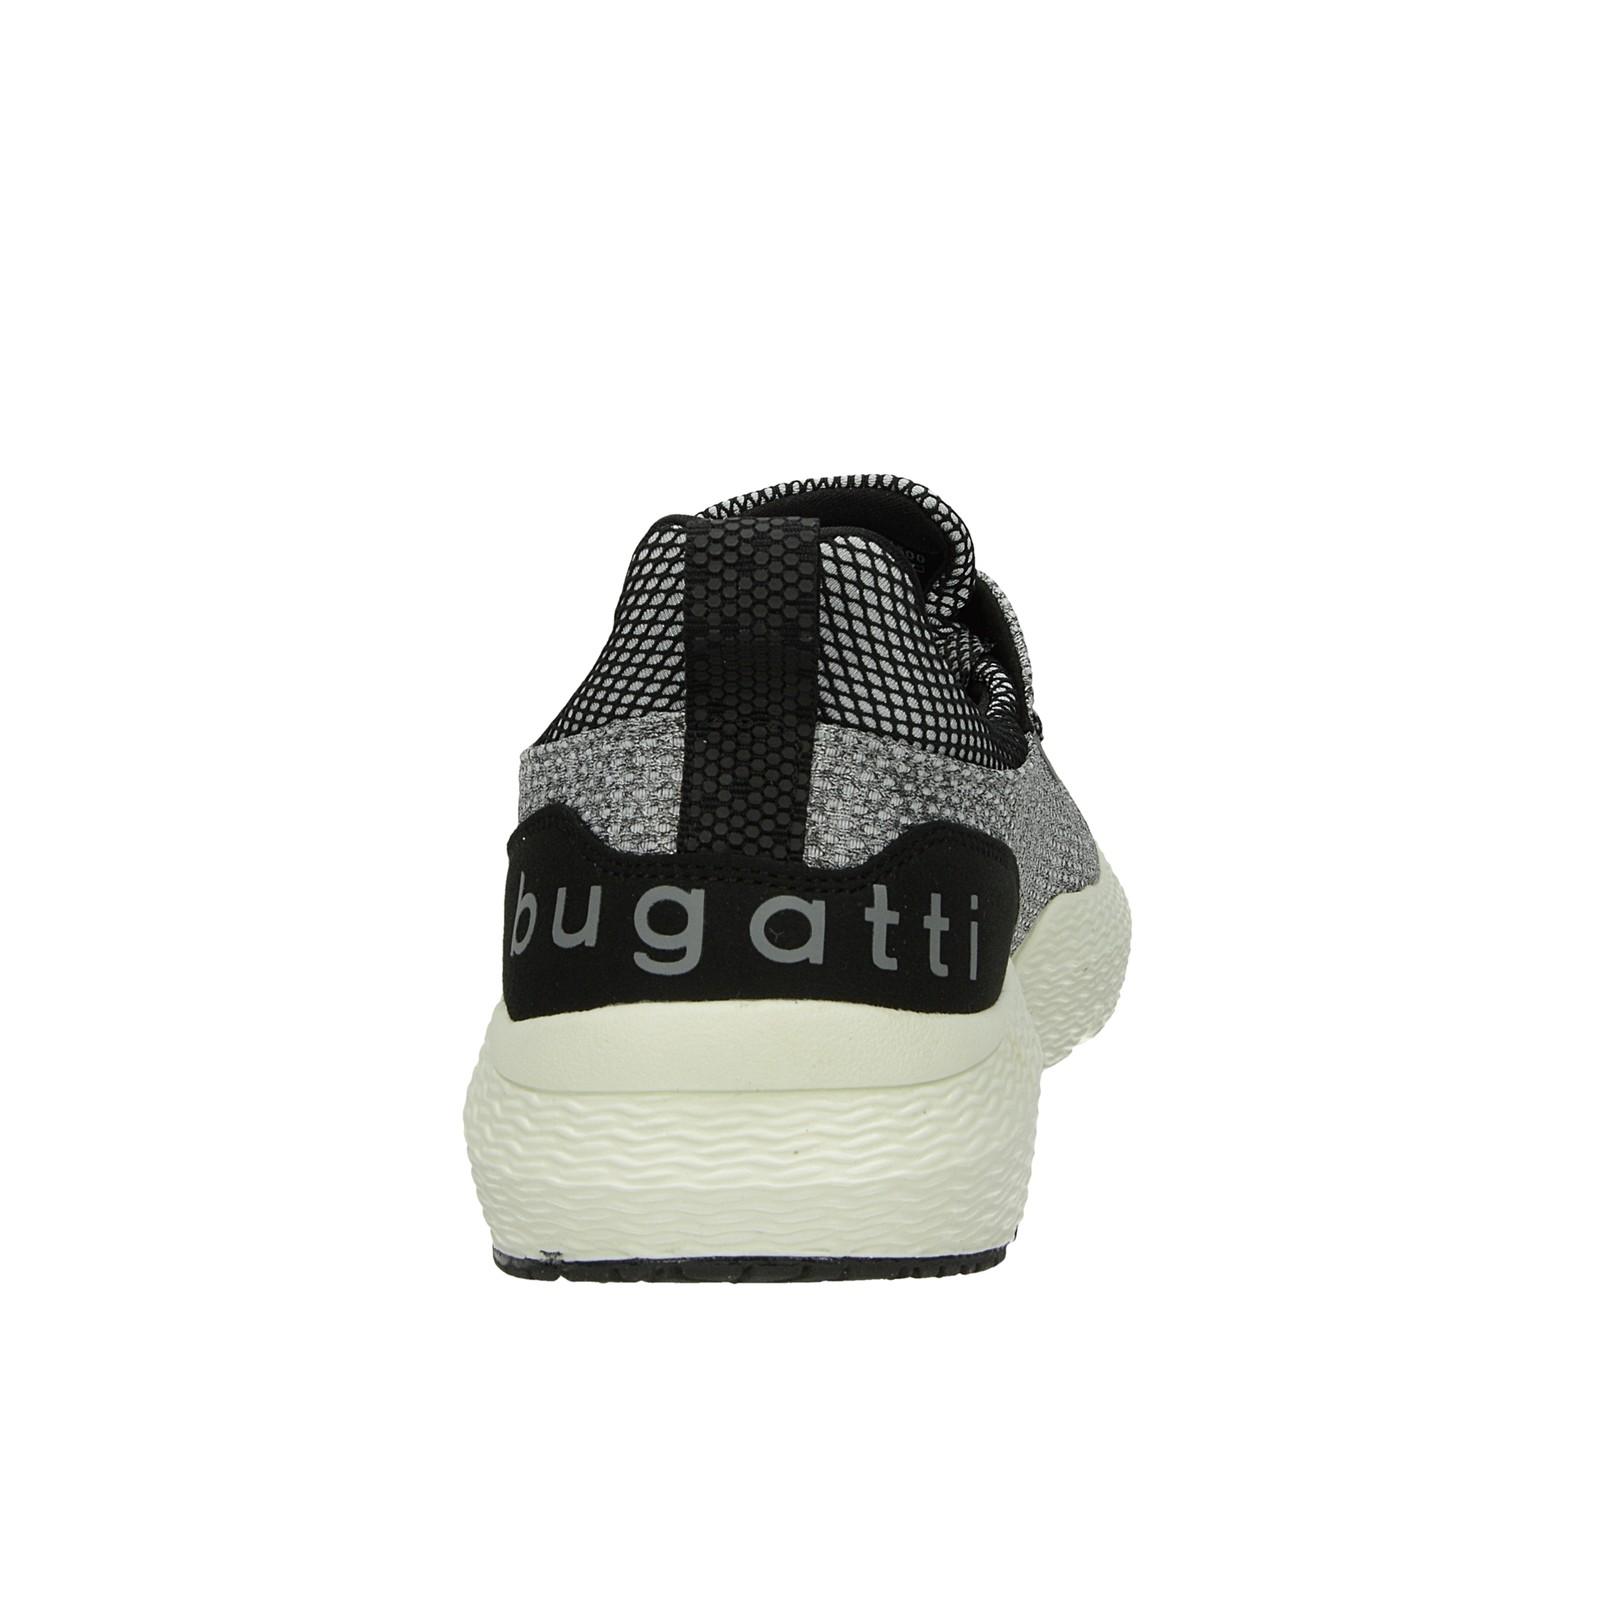 eb552296af ... Bugatti pánské stylové pohodlné tenisky - béžové ...